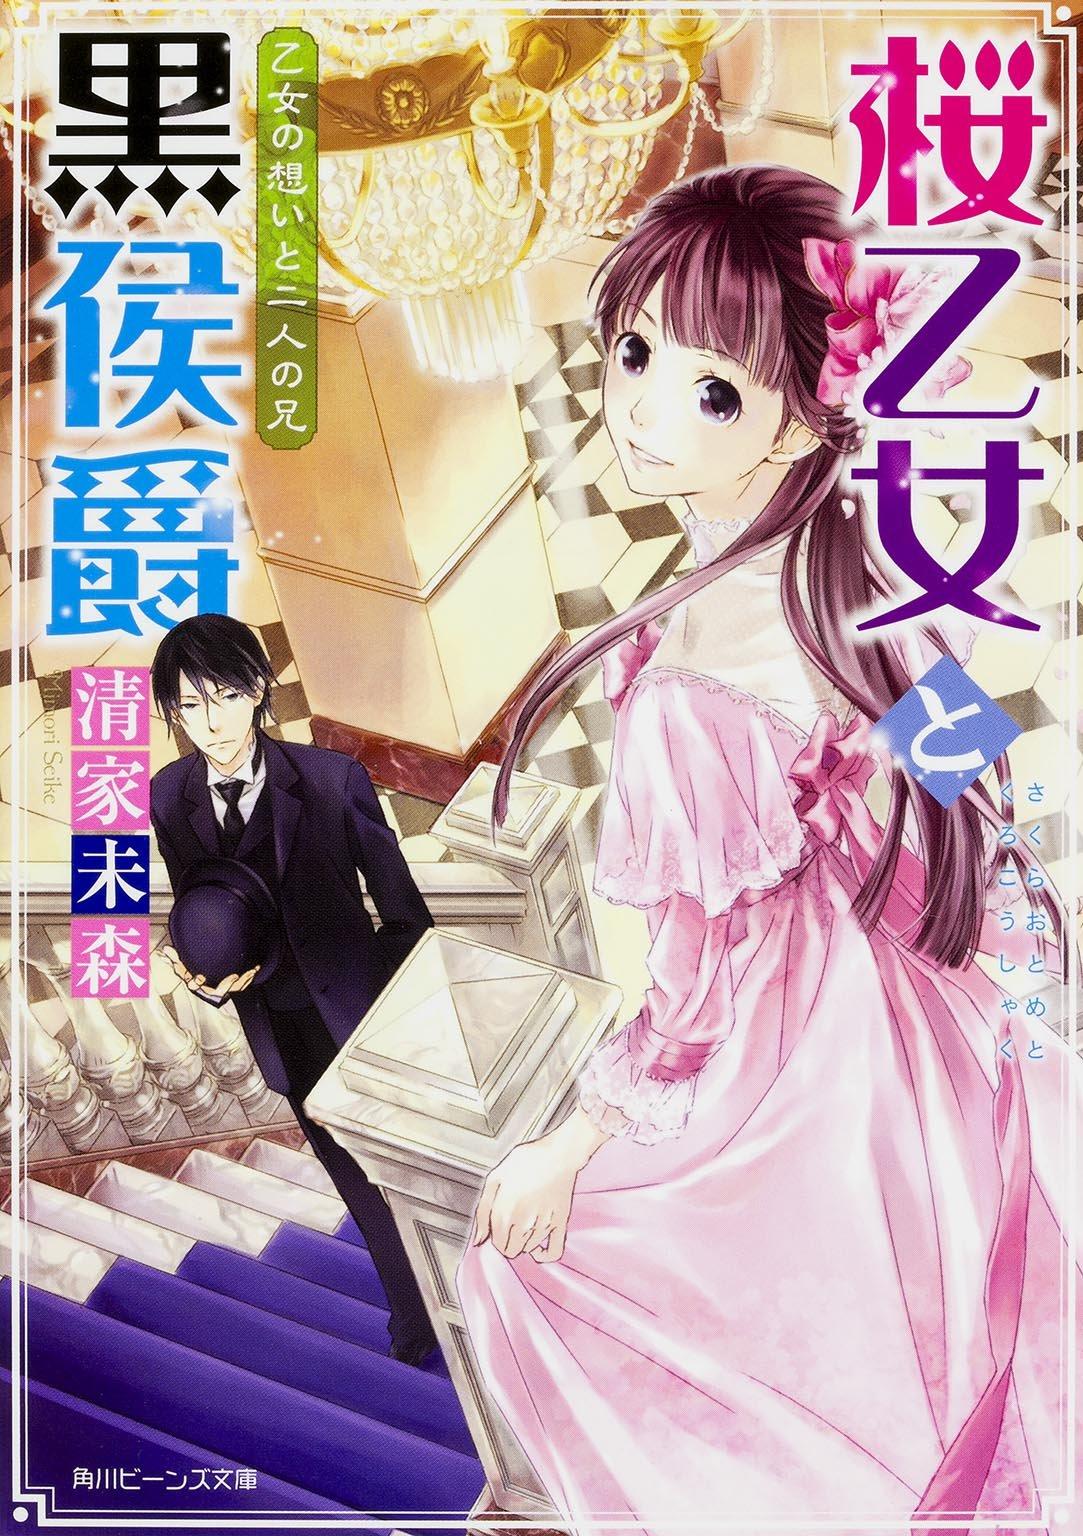 【ライトノベル】桜乙女と黒侯爵 3巻